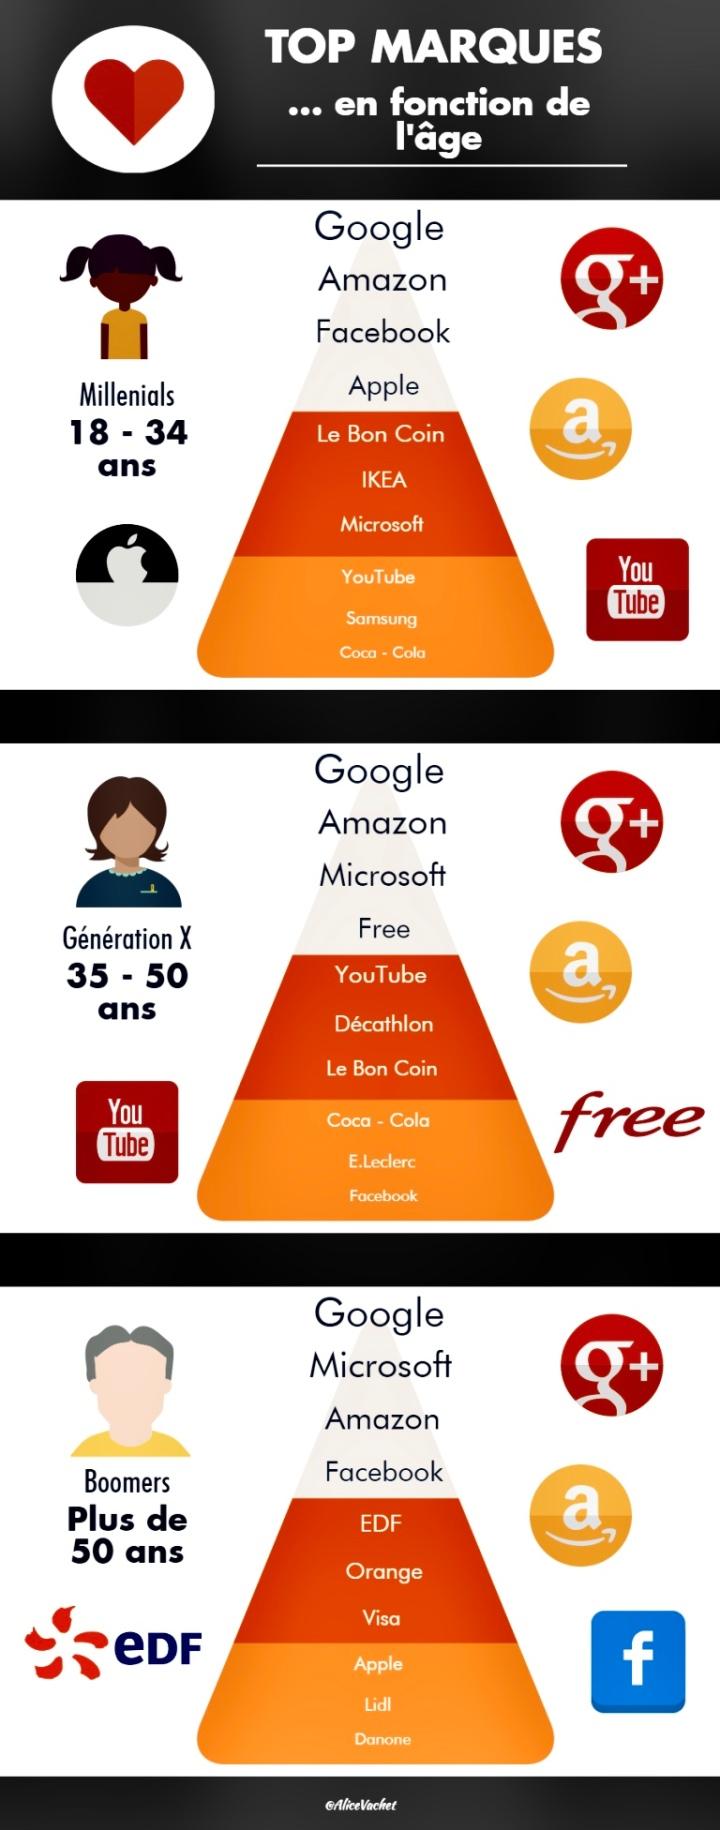 [Infographie] Les marques préférées en fonction de l'âge🧐